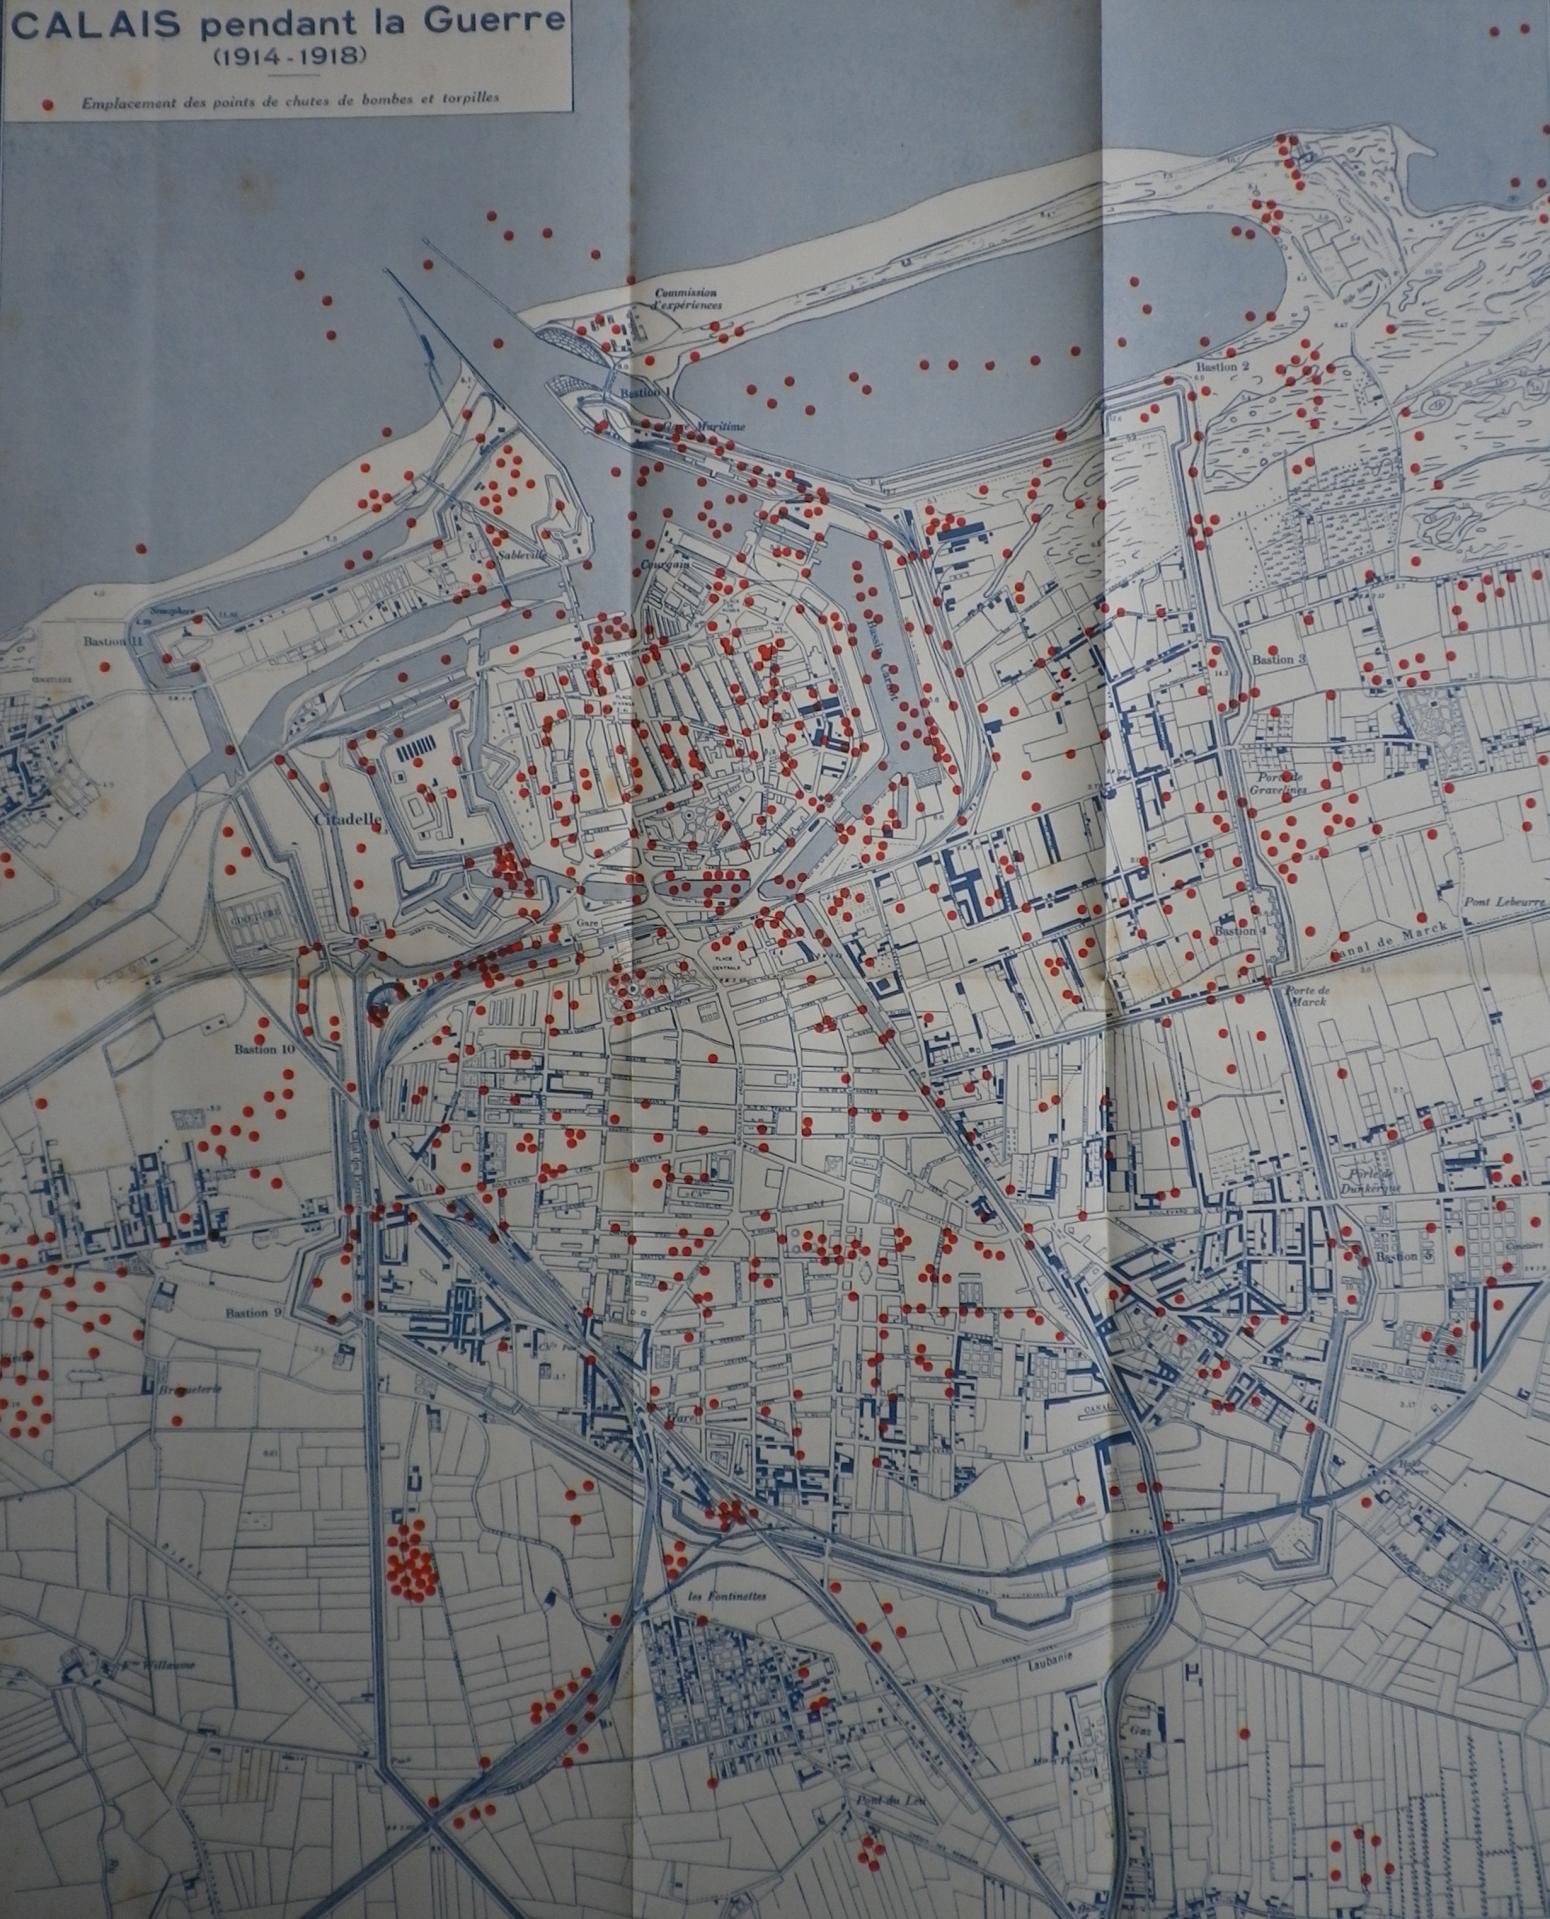 Calais 14 18 emplacement de chute de bombes pendant la guerre